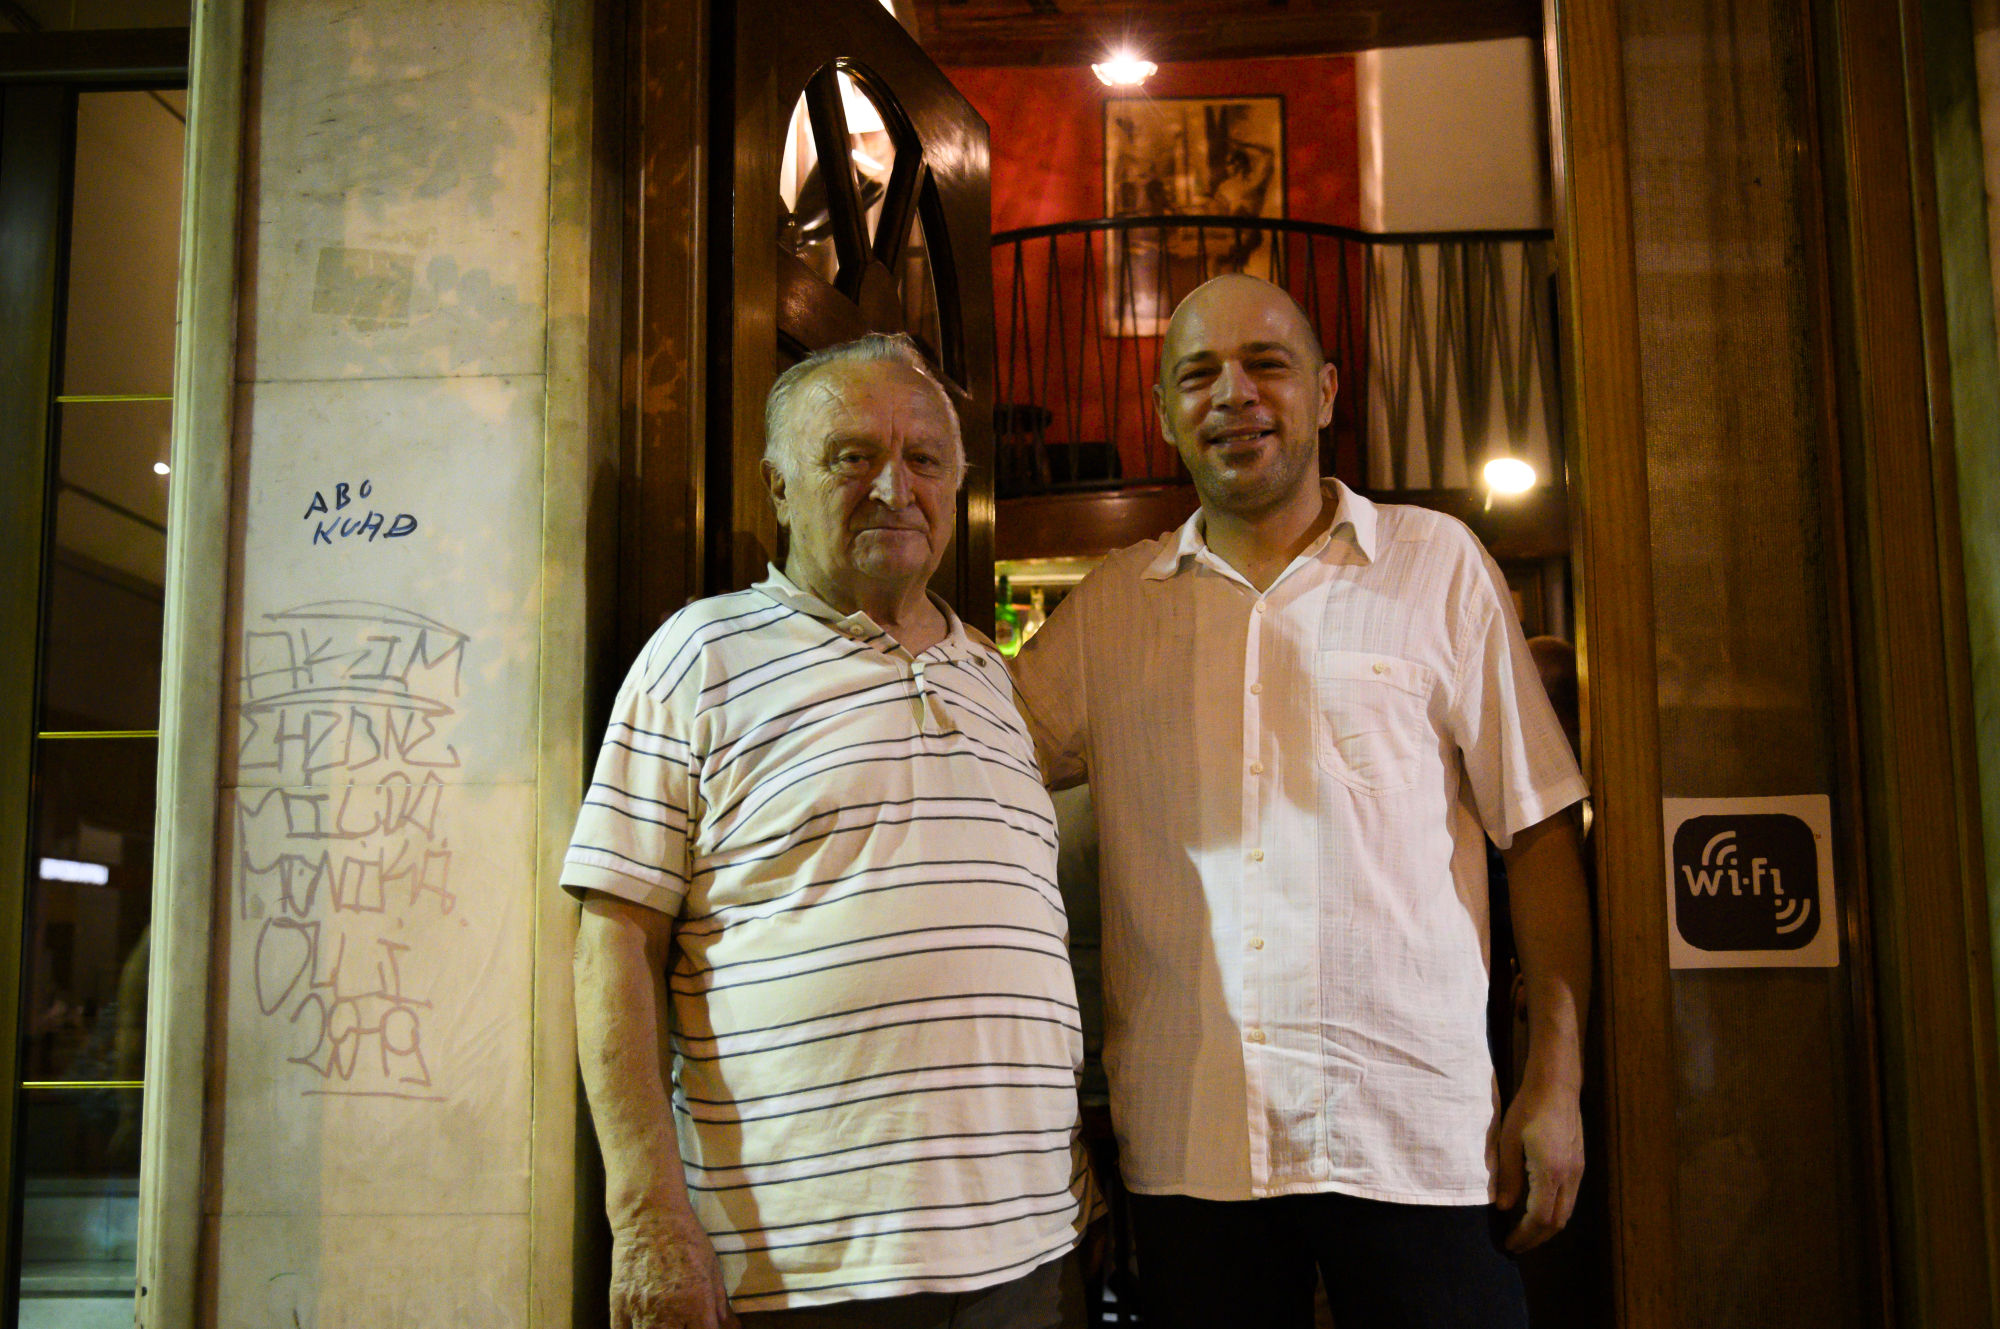 Οι ιδιοκτήτες του Au Revoir μπαρ, στ'αριστερά ο Λύσανδρος Παπαθεοδώρου και στα δεξιά ο Σωτήρης Παπαθεοδώρου